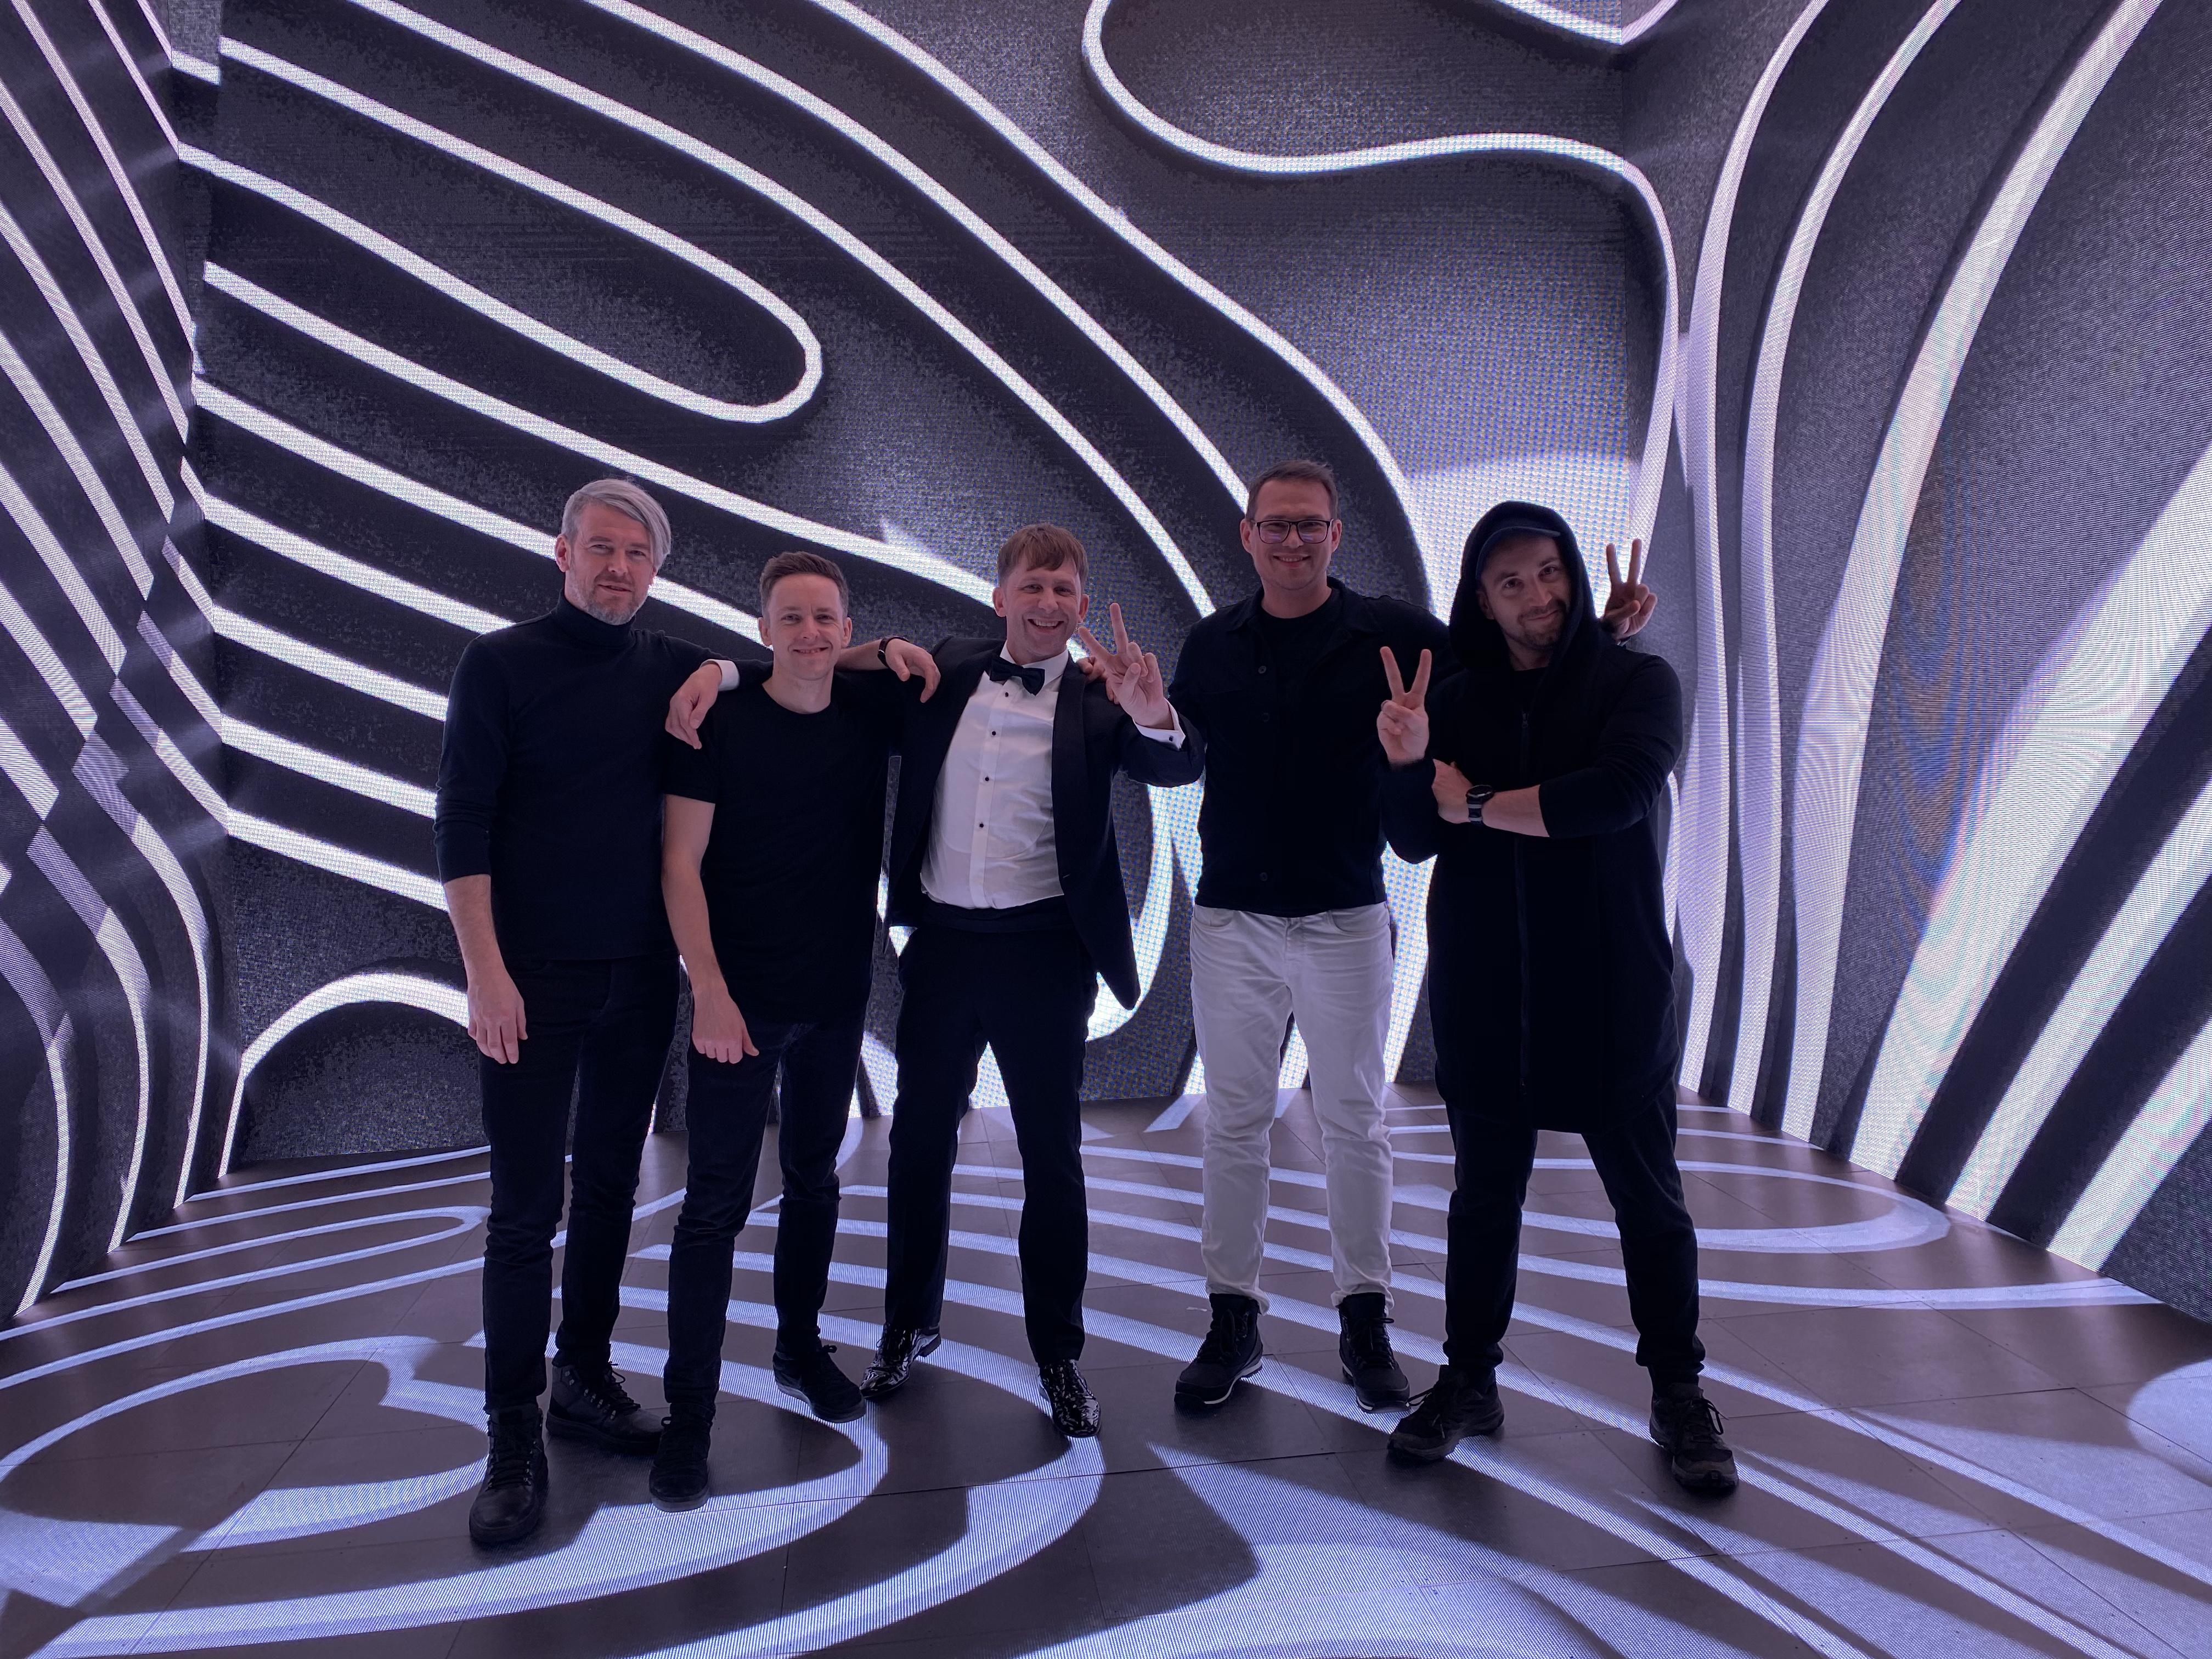 Po 12 metų pertraukos Sel ir Soliaris pristato naują dainą | Autorių nuotr.